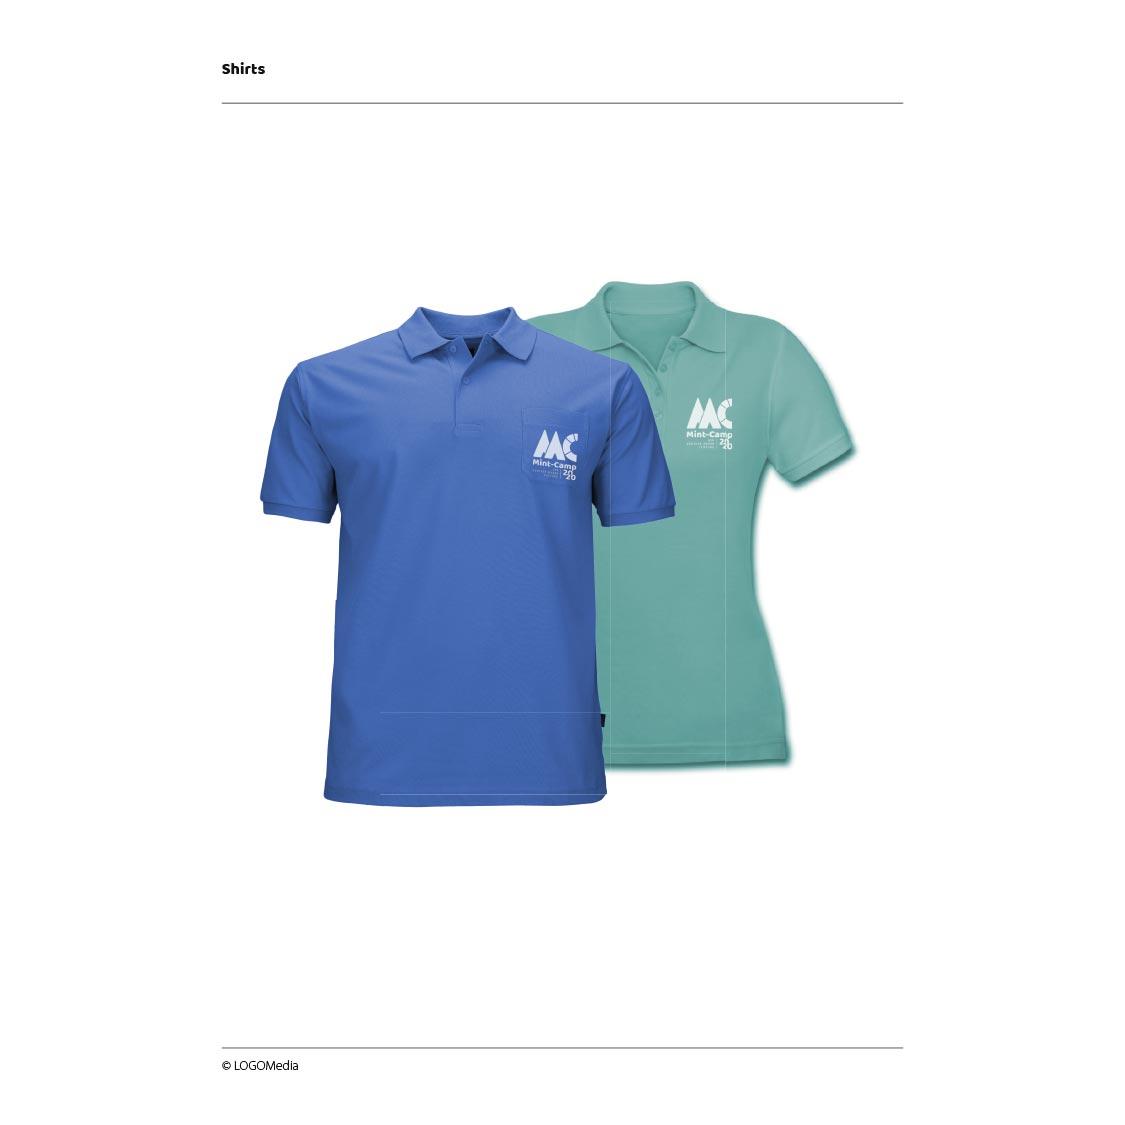 06 logo mint camp 2020 polo shirts 1125px